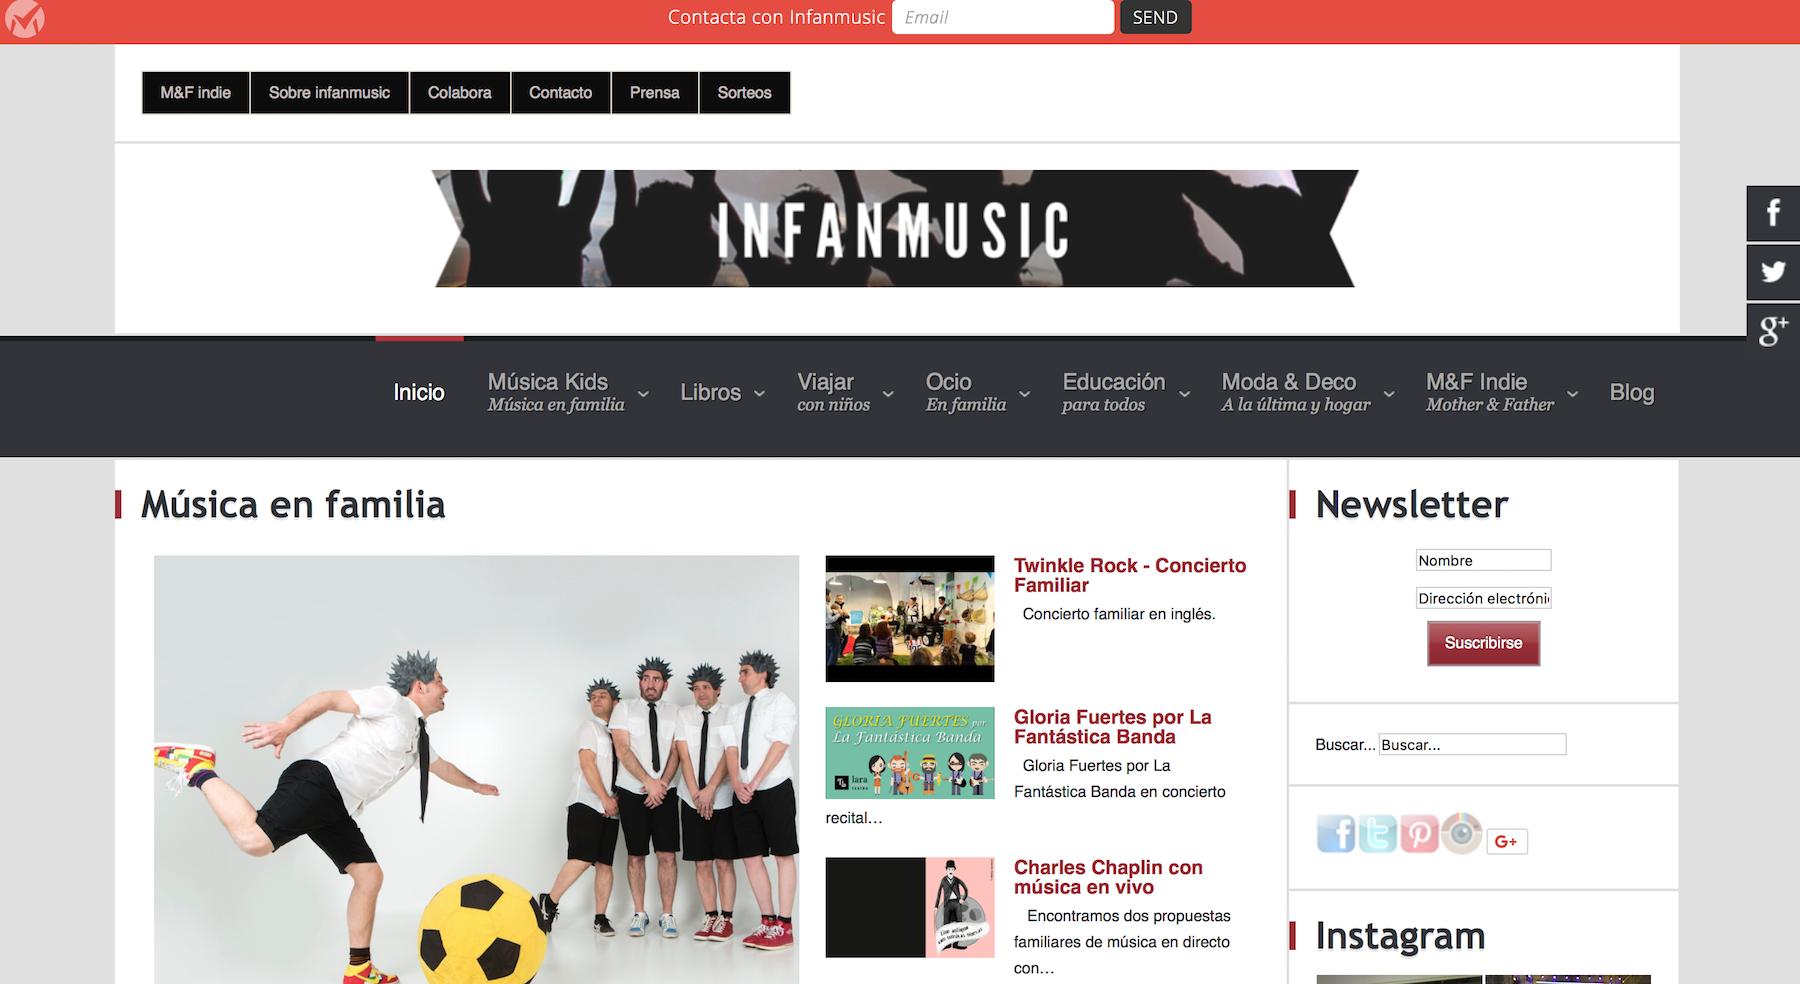 mejores blogs de música